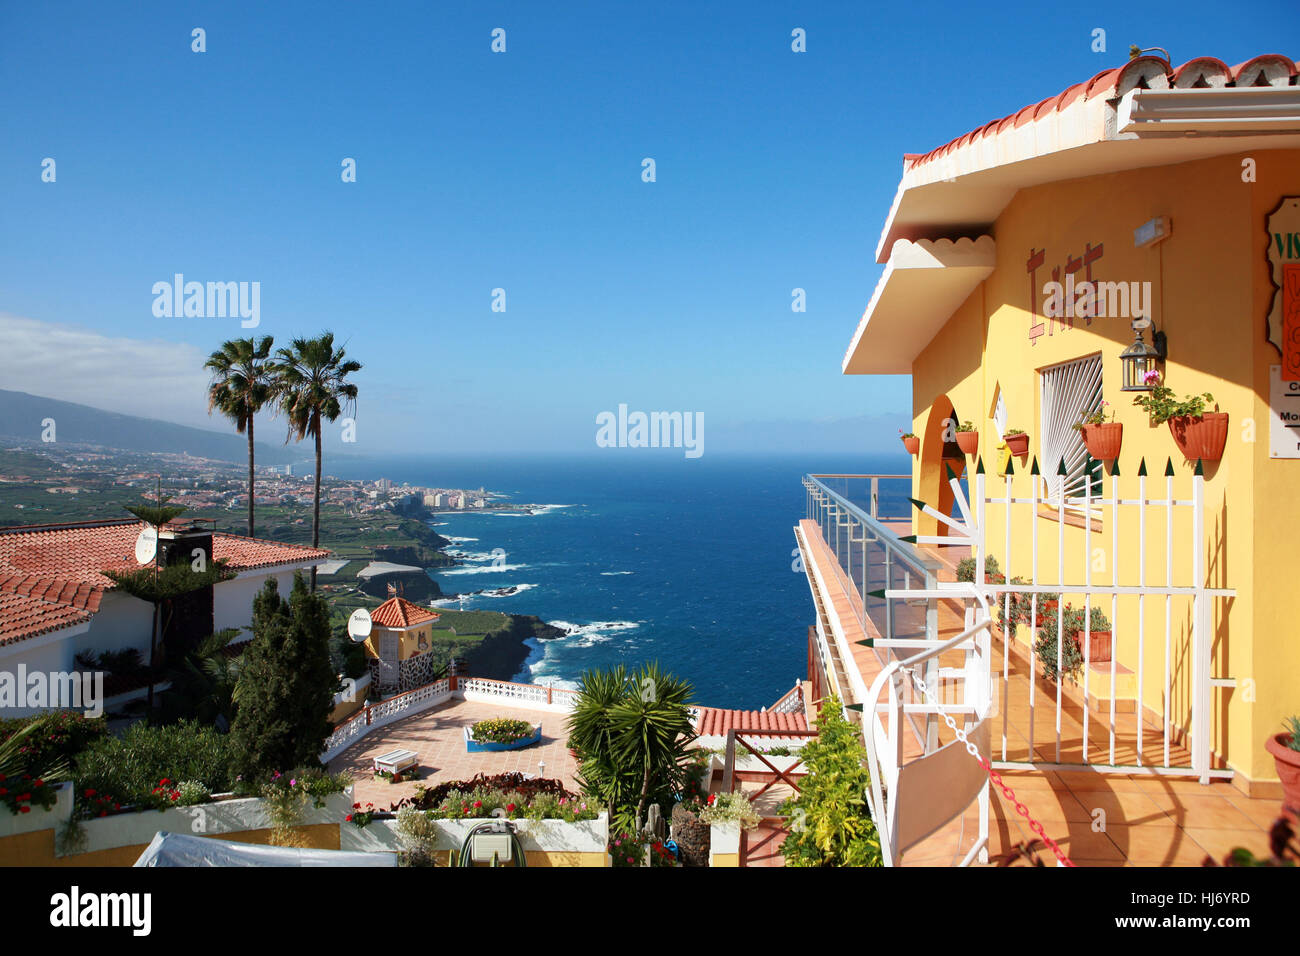 Vista desde la vista paraiso en puerto de la cruz Imagen De Stock